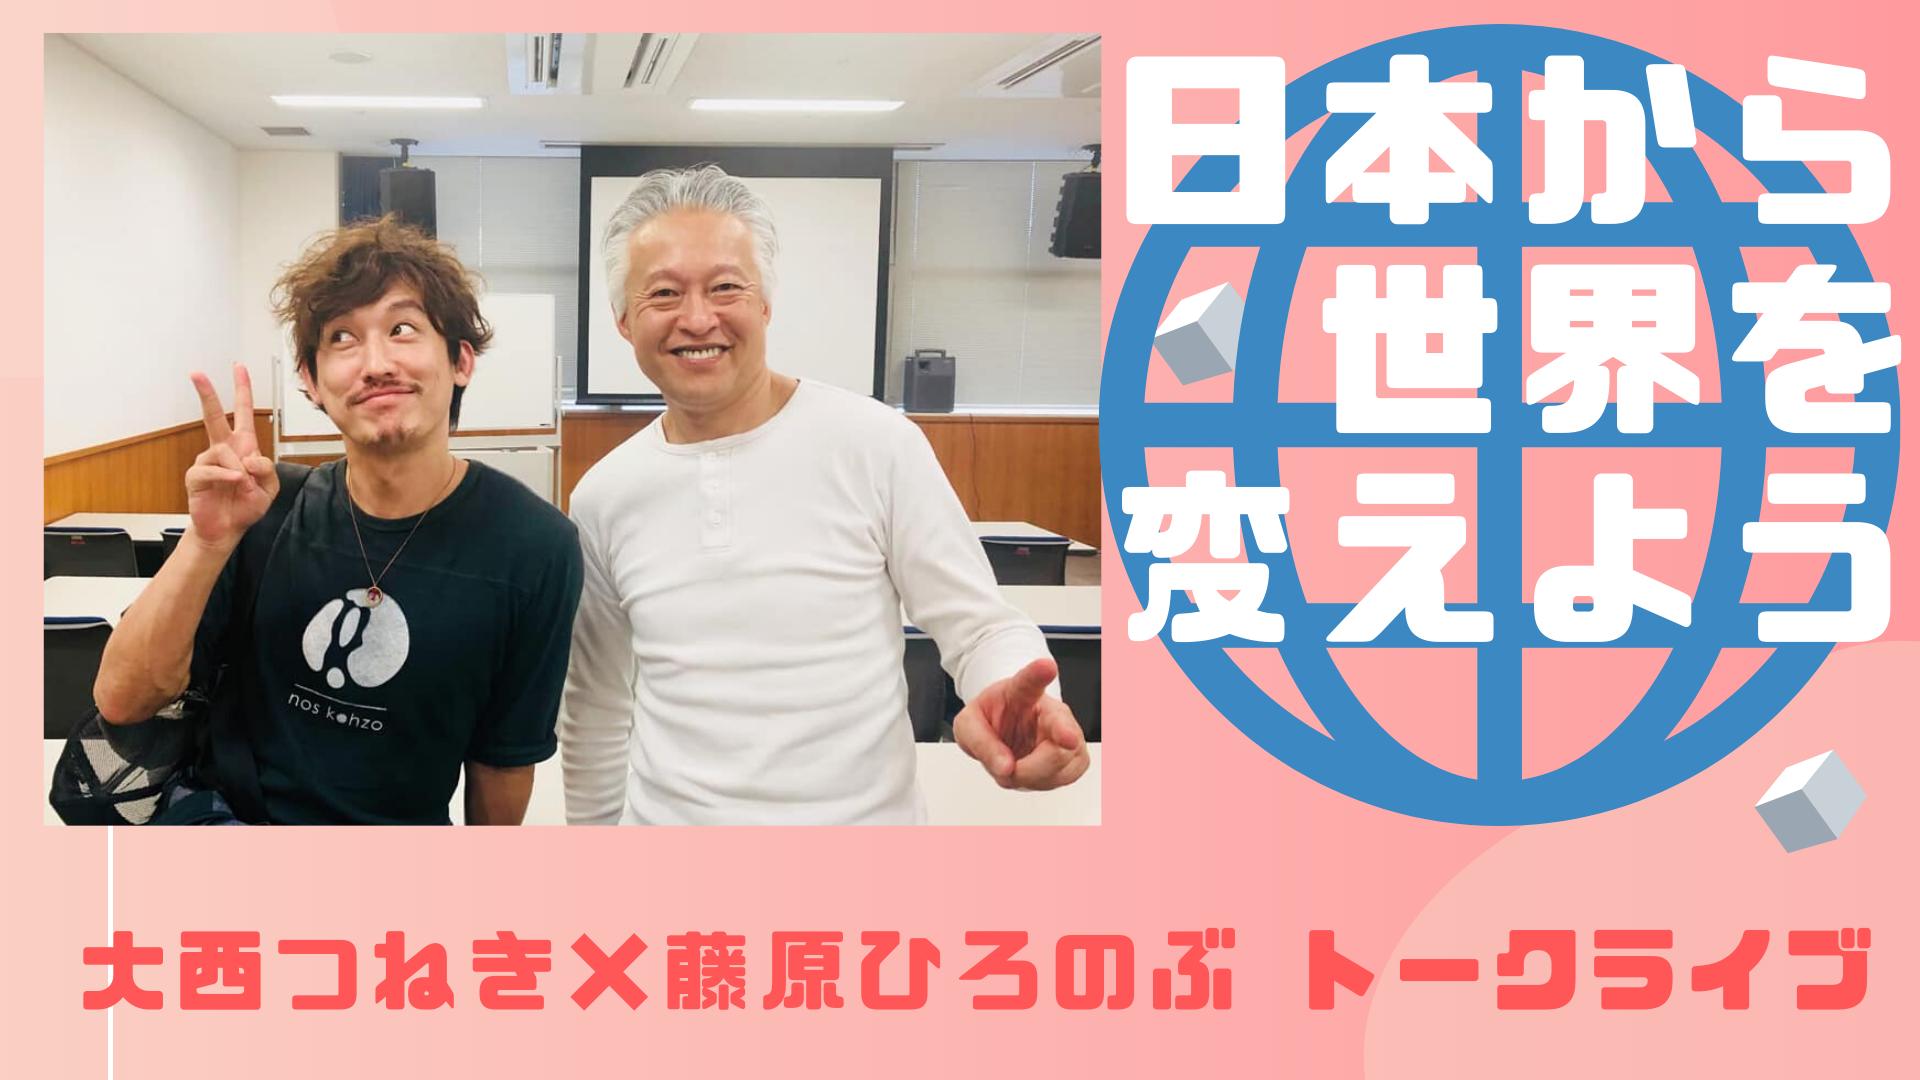 日本から世界を変えよう 大西つねきx藤原ひろのぶトークライブ